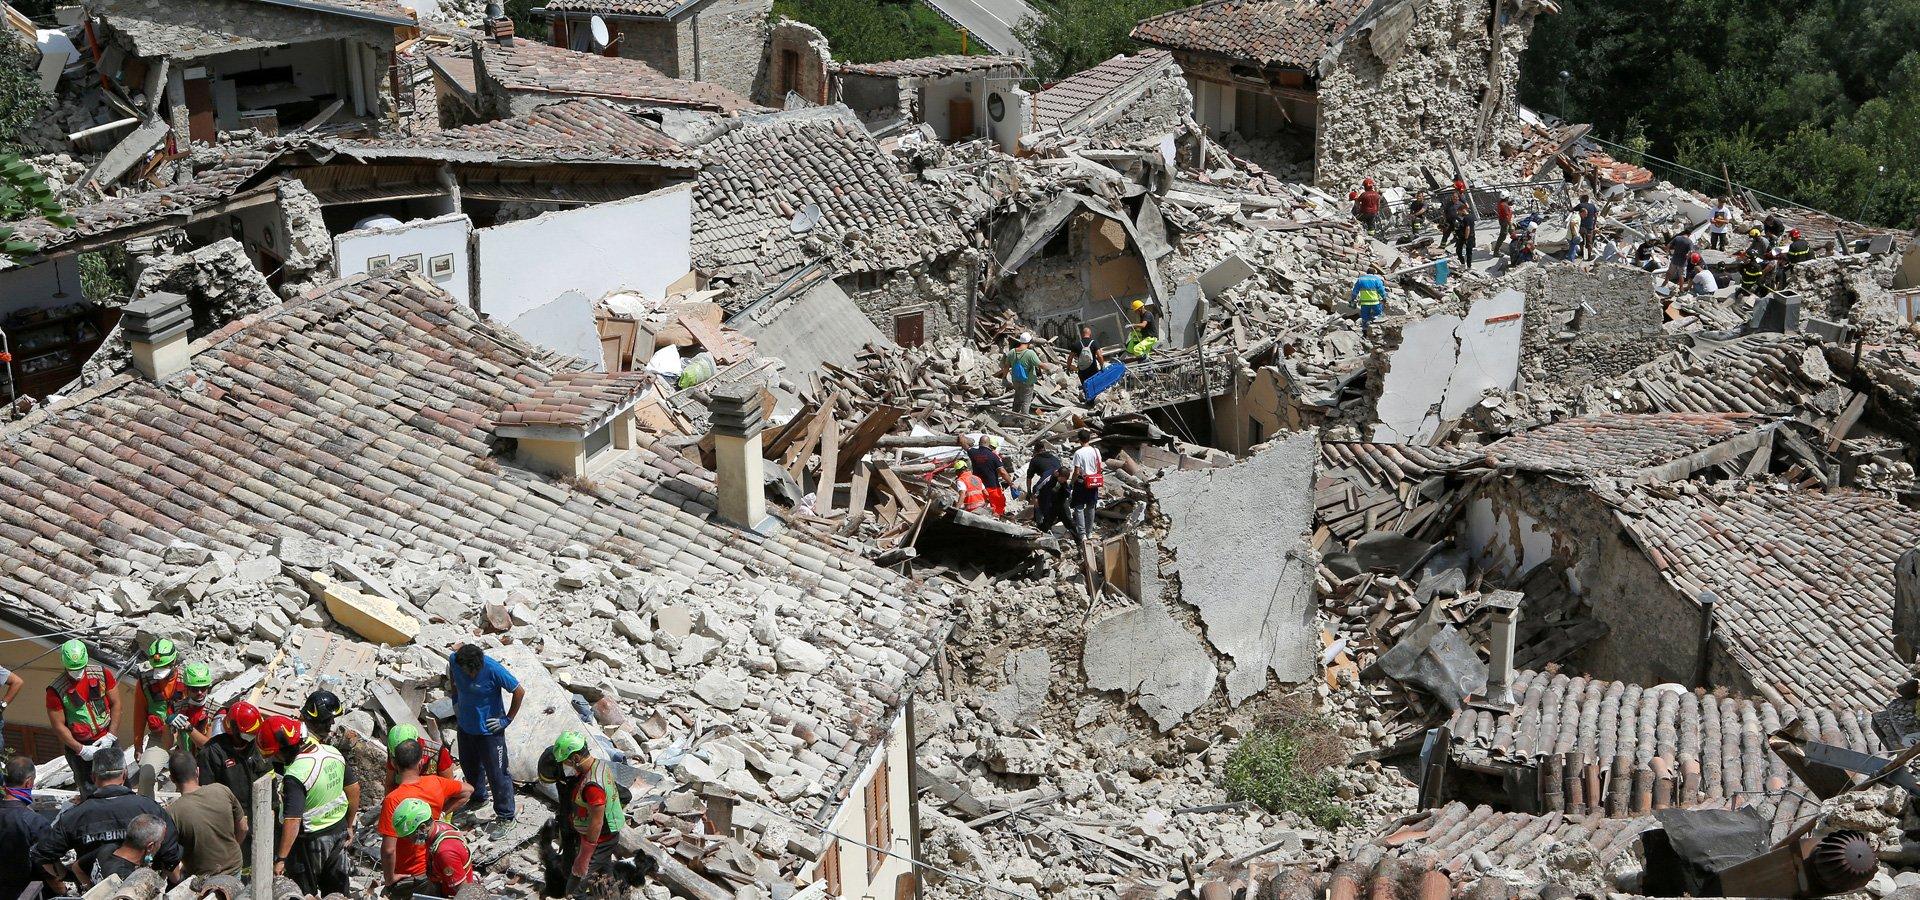 terremoto centro italia 24 agosto